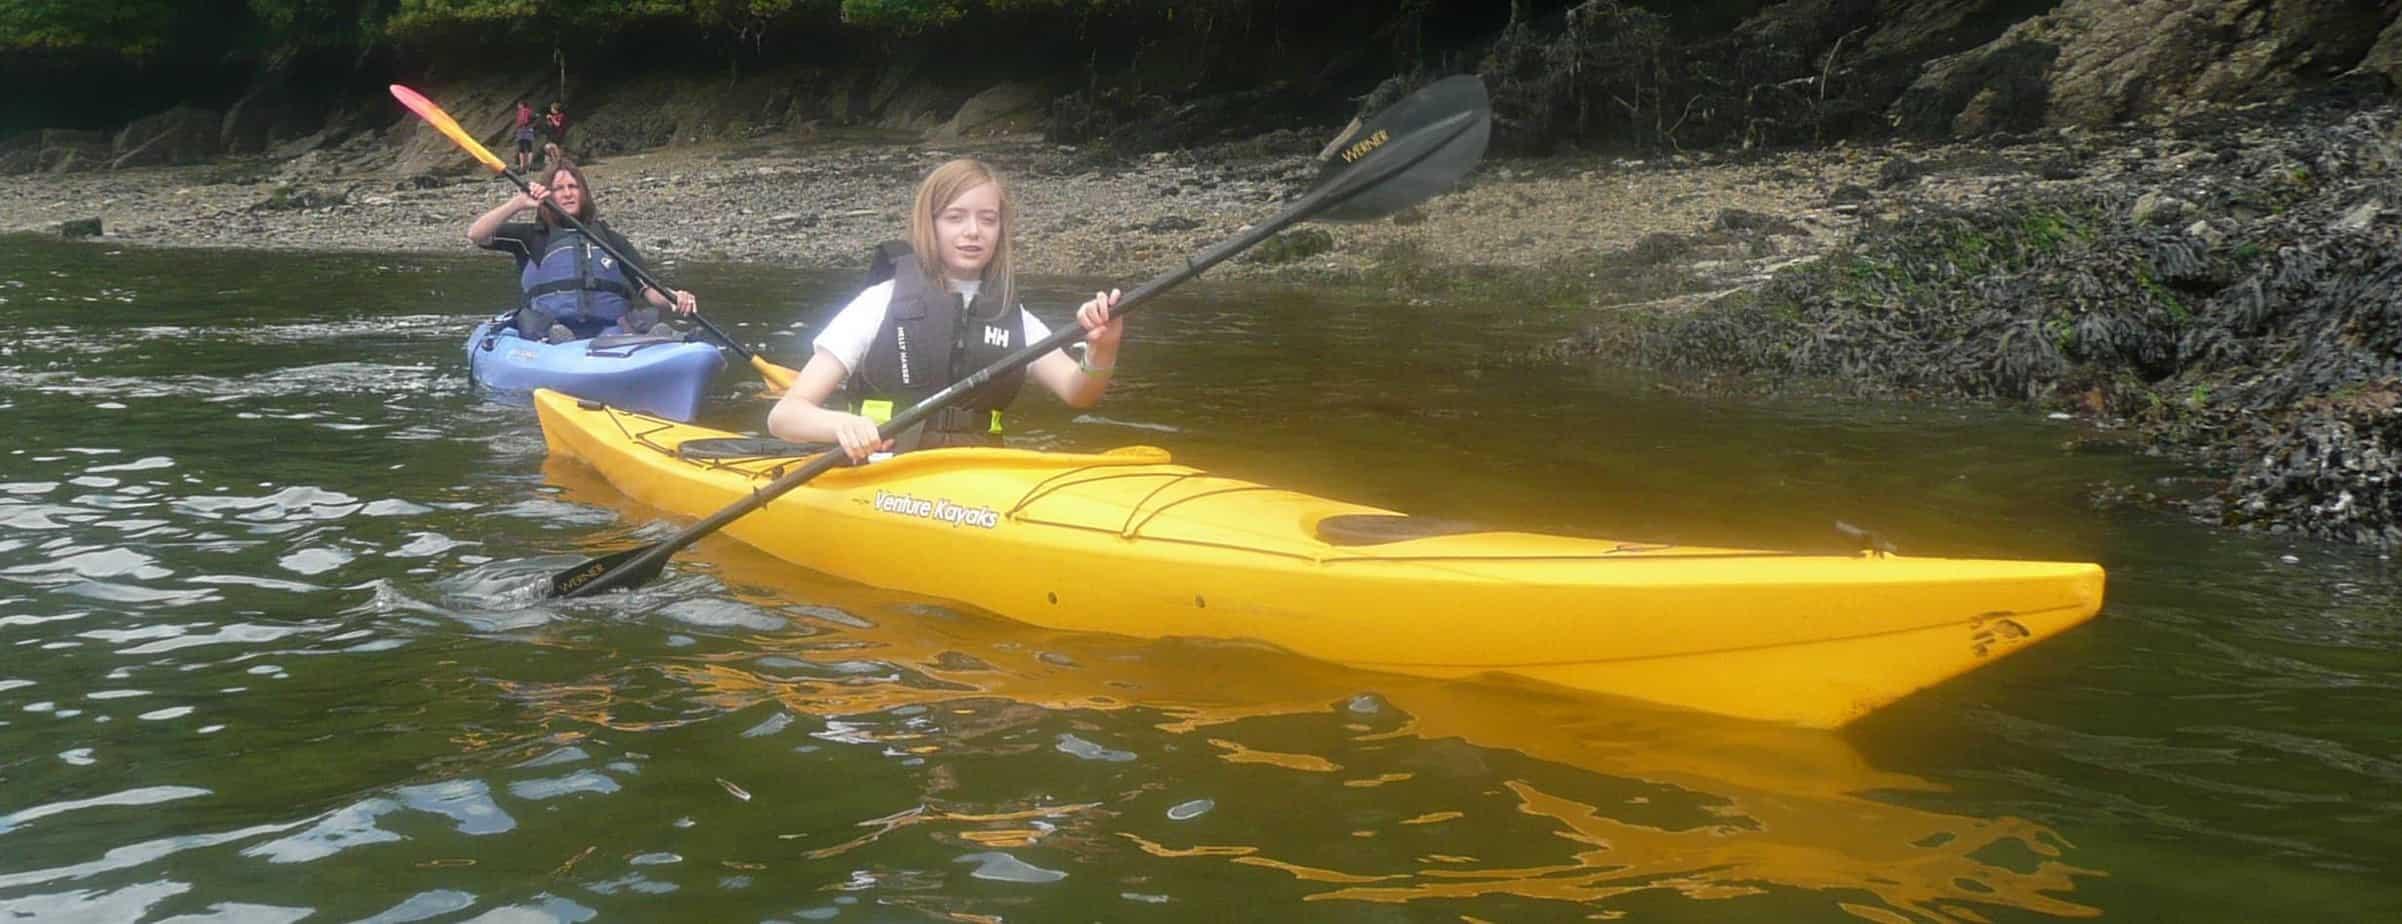 Best Folding Kayaks